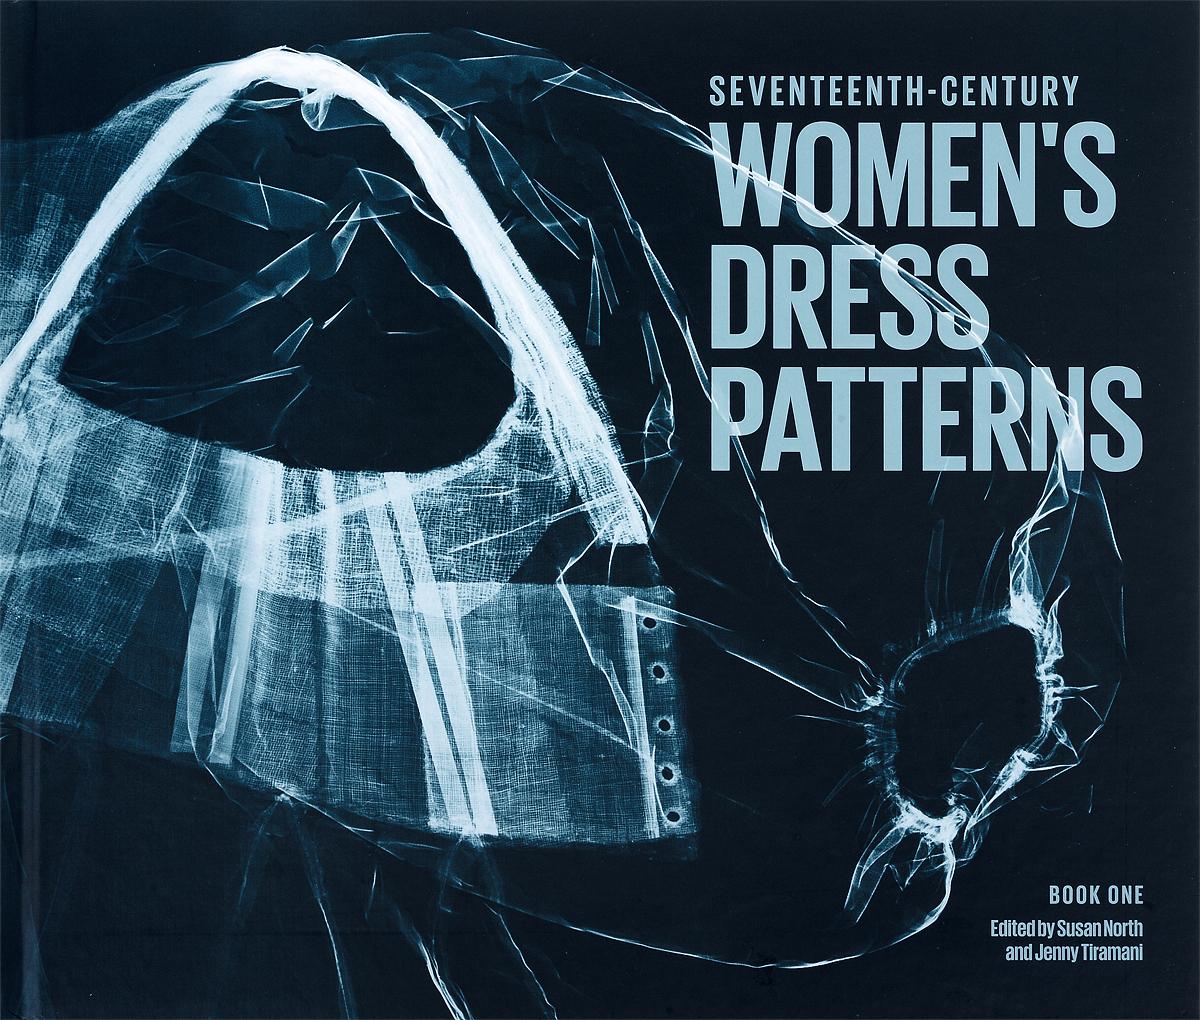 Seventeenth-Century Womens Dress Patterns: Book 1